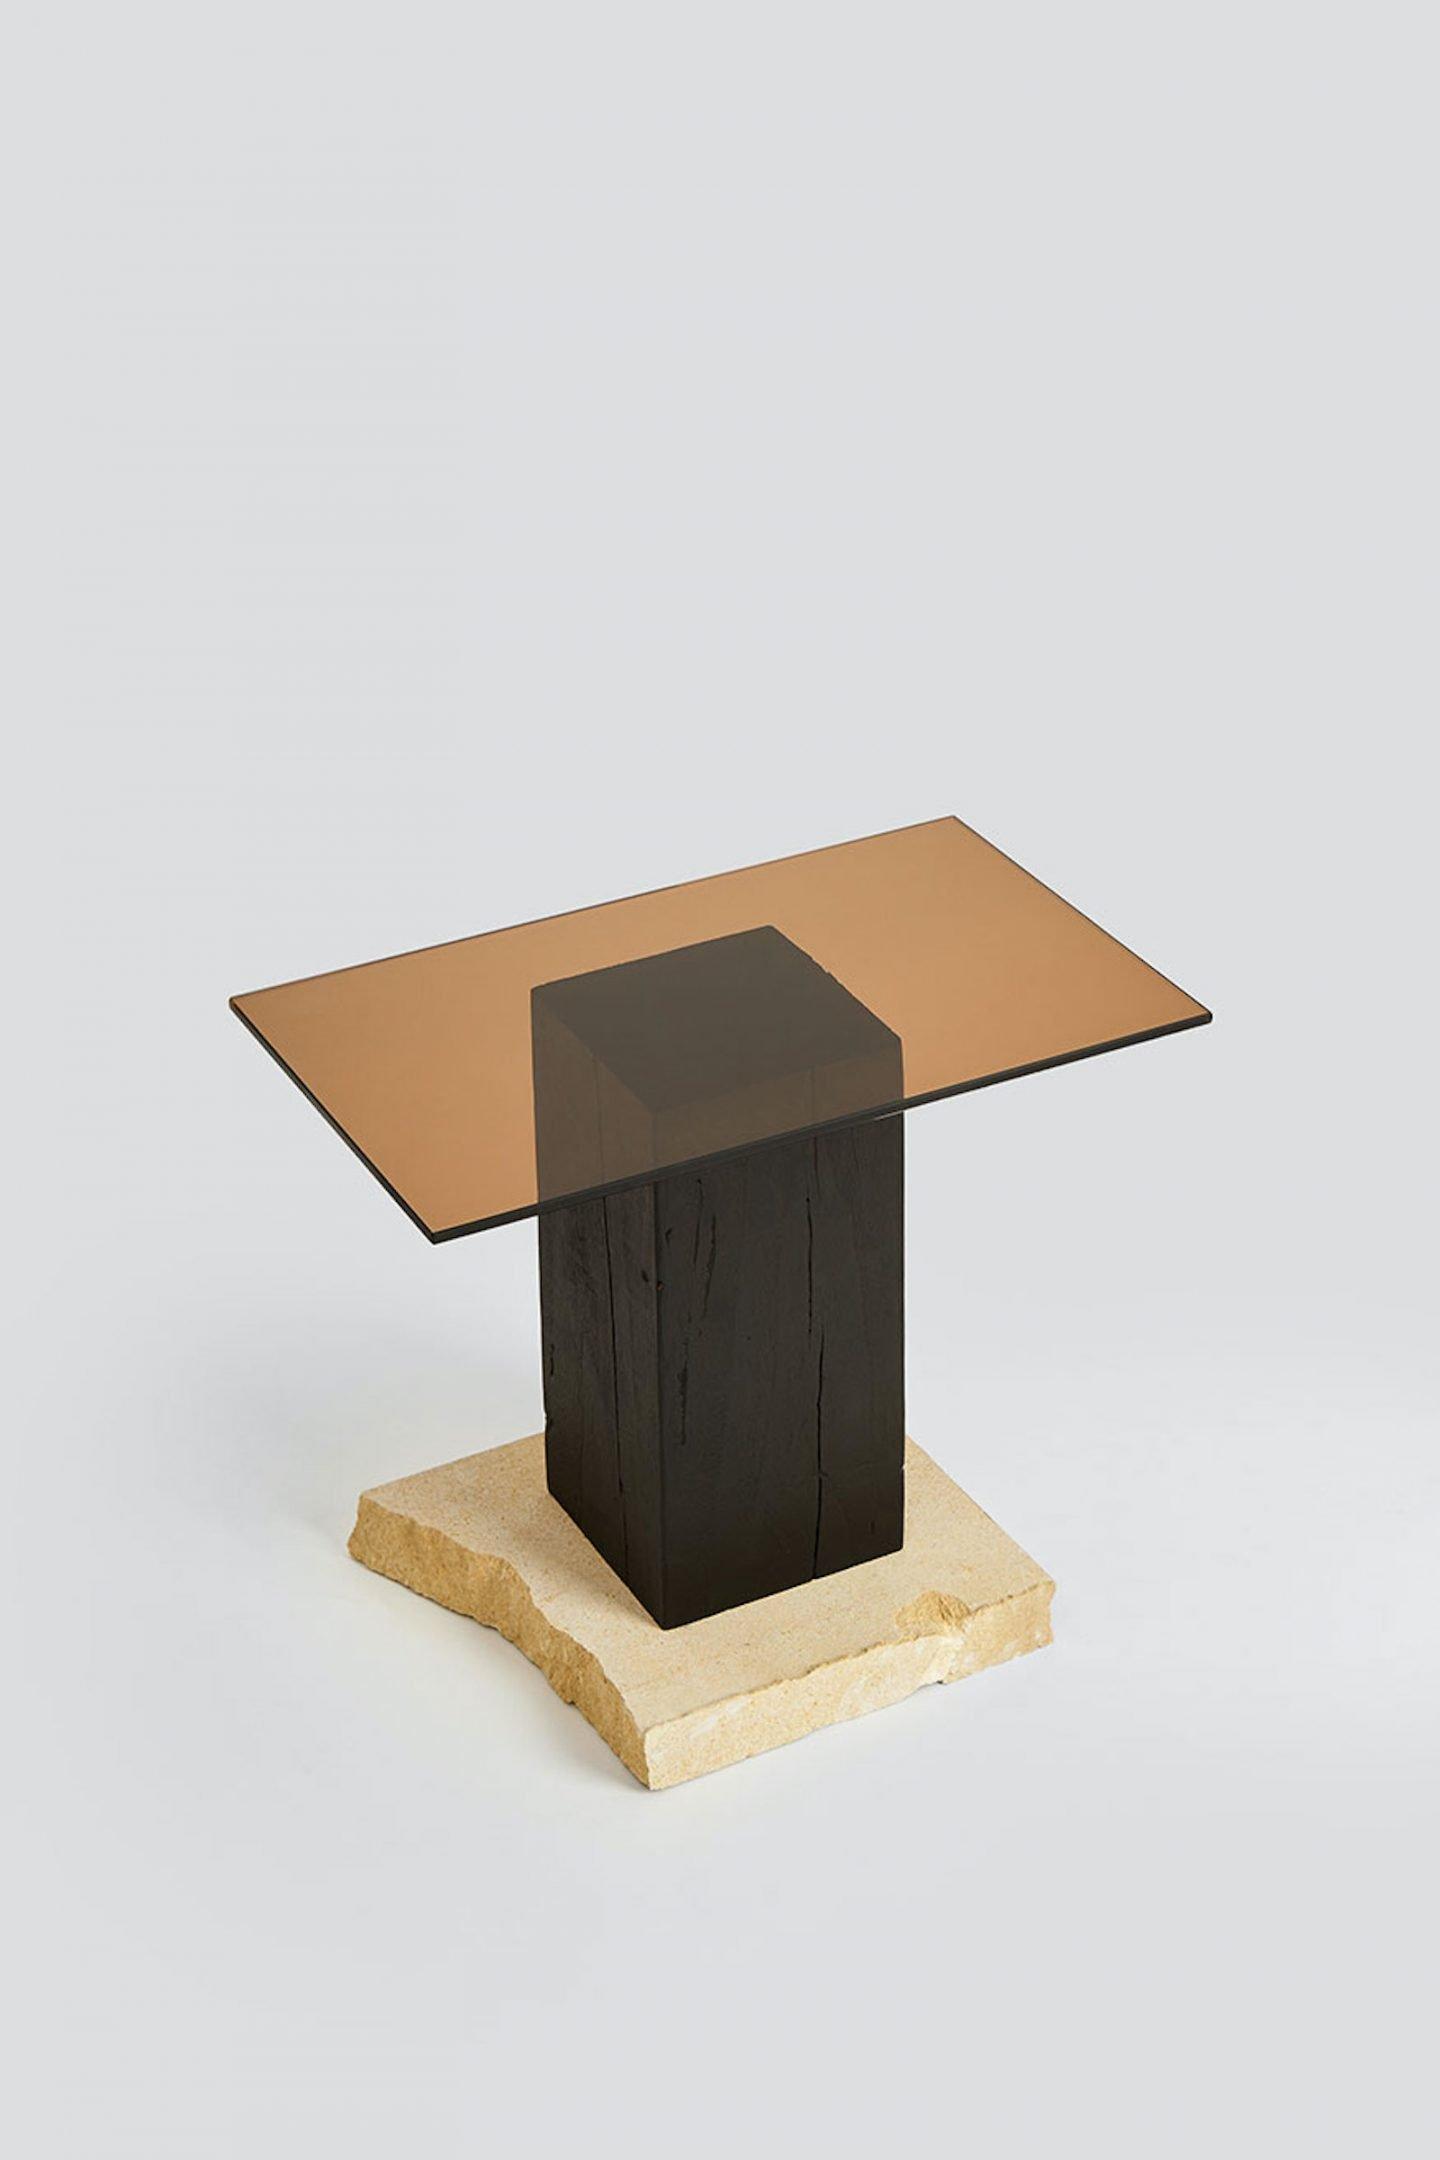 IGNANT-Design-Studio-Glume-03